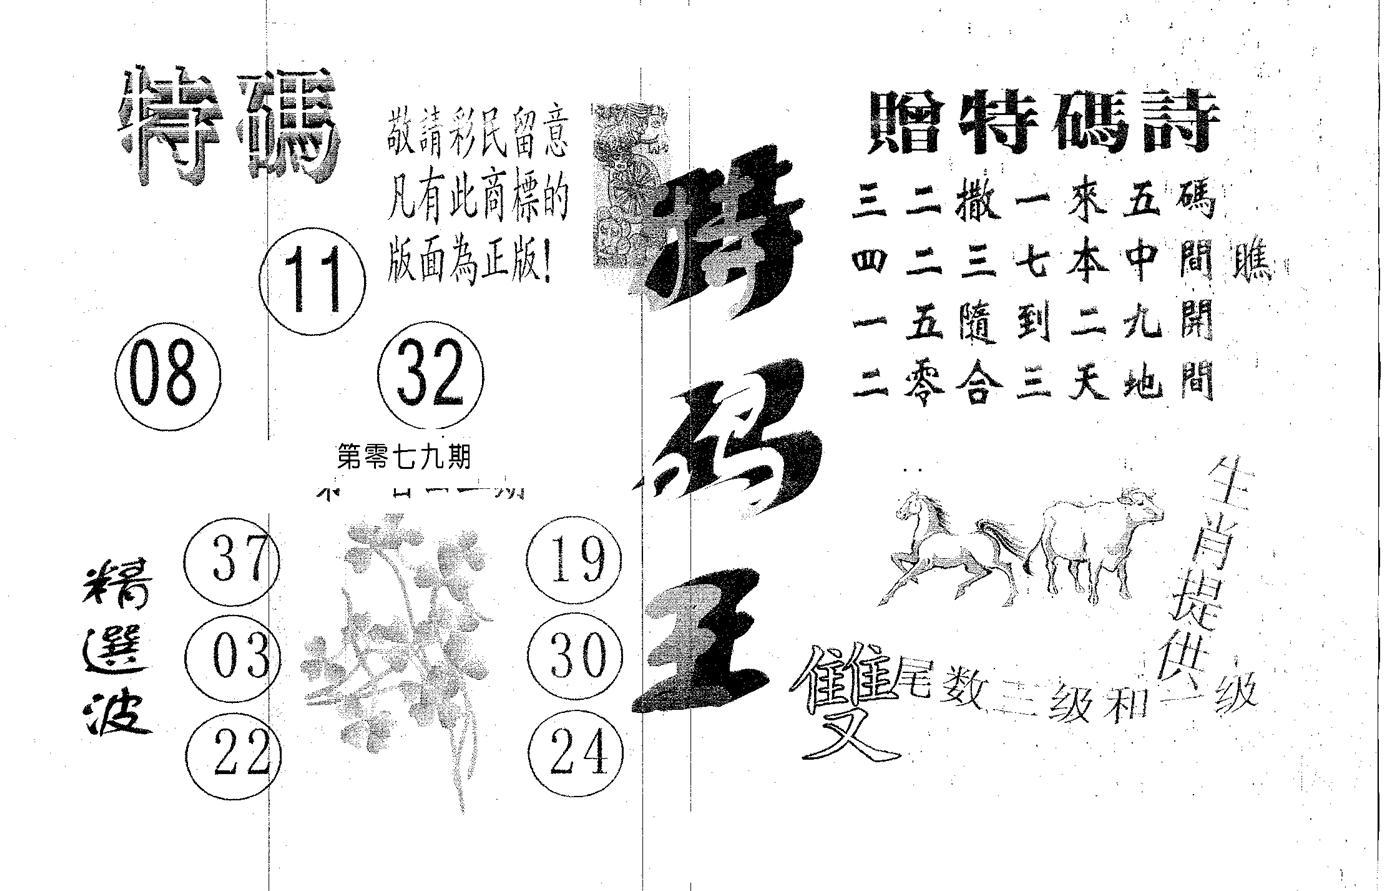 079期特码王A(黑白)